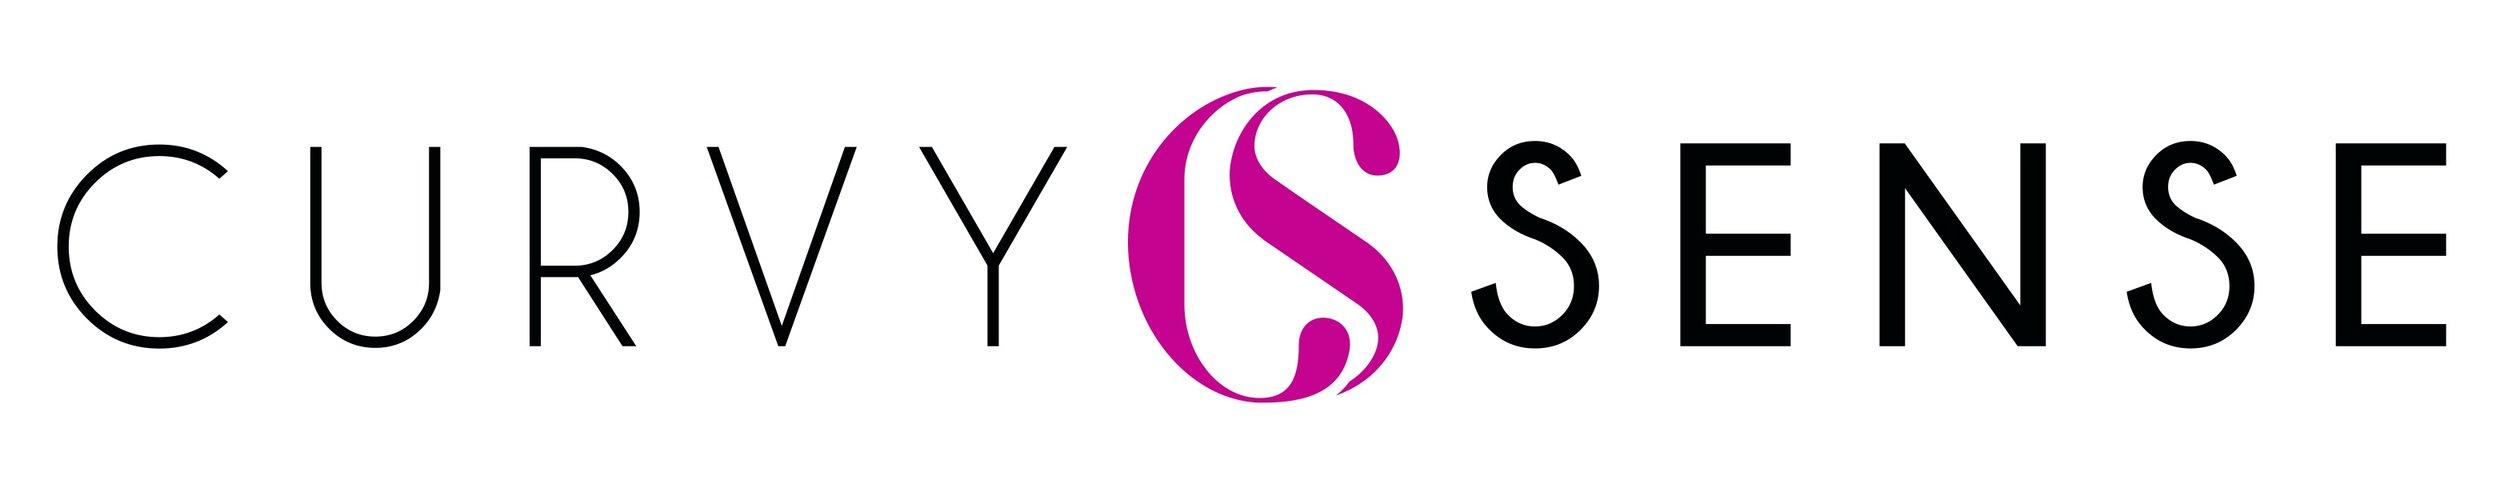 Curvy-Sense-Logo.jpg